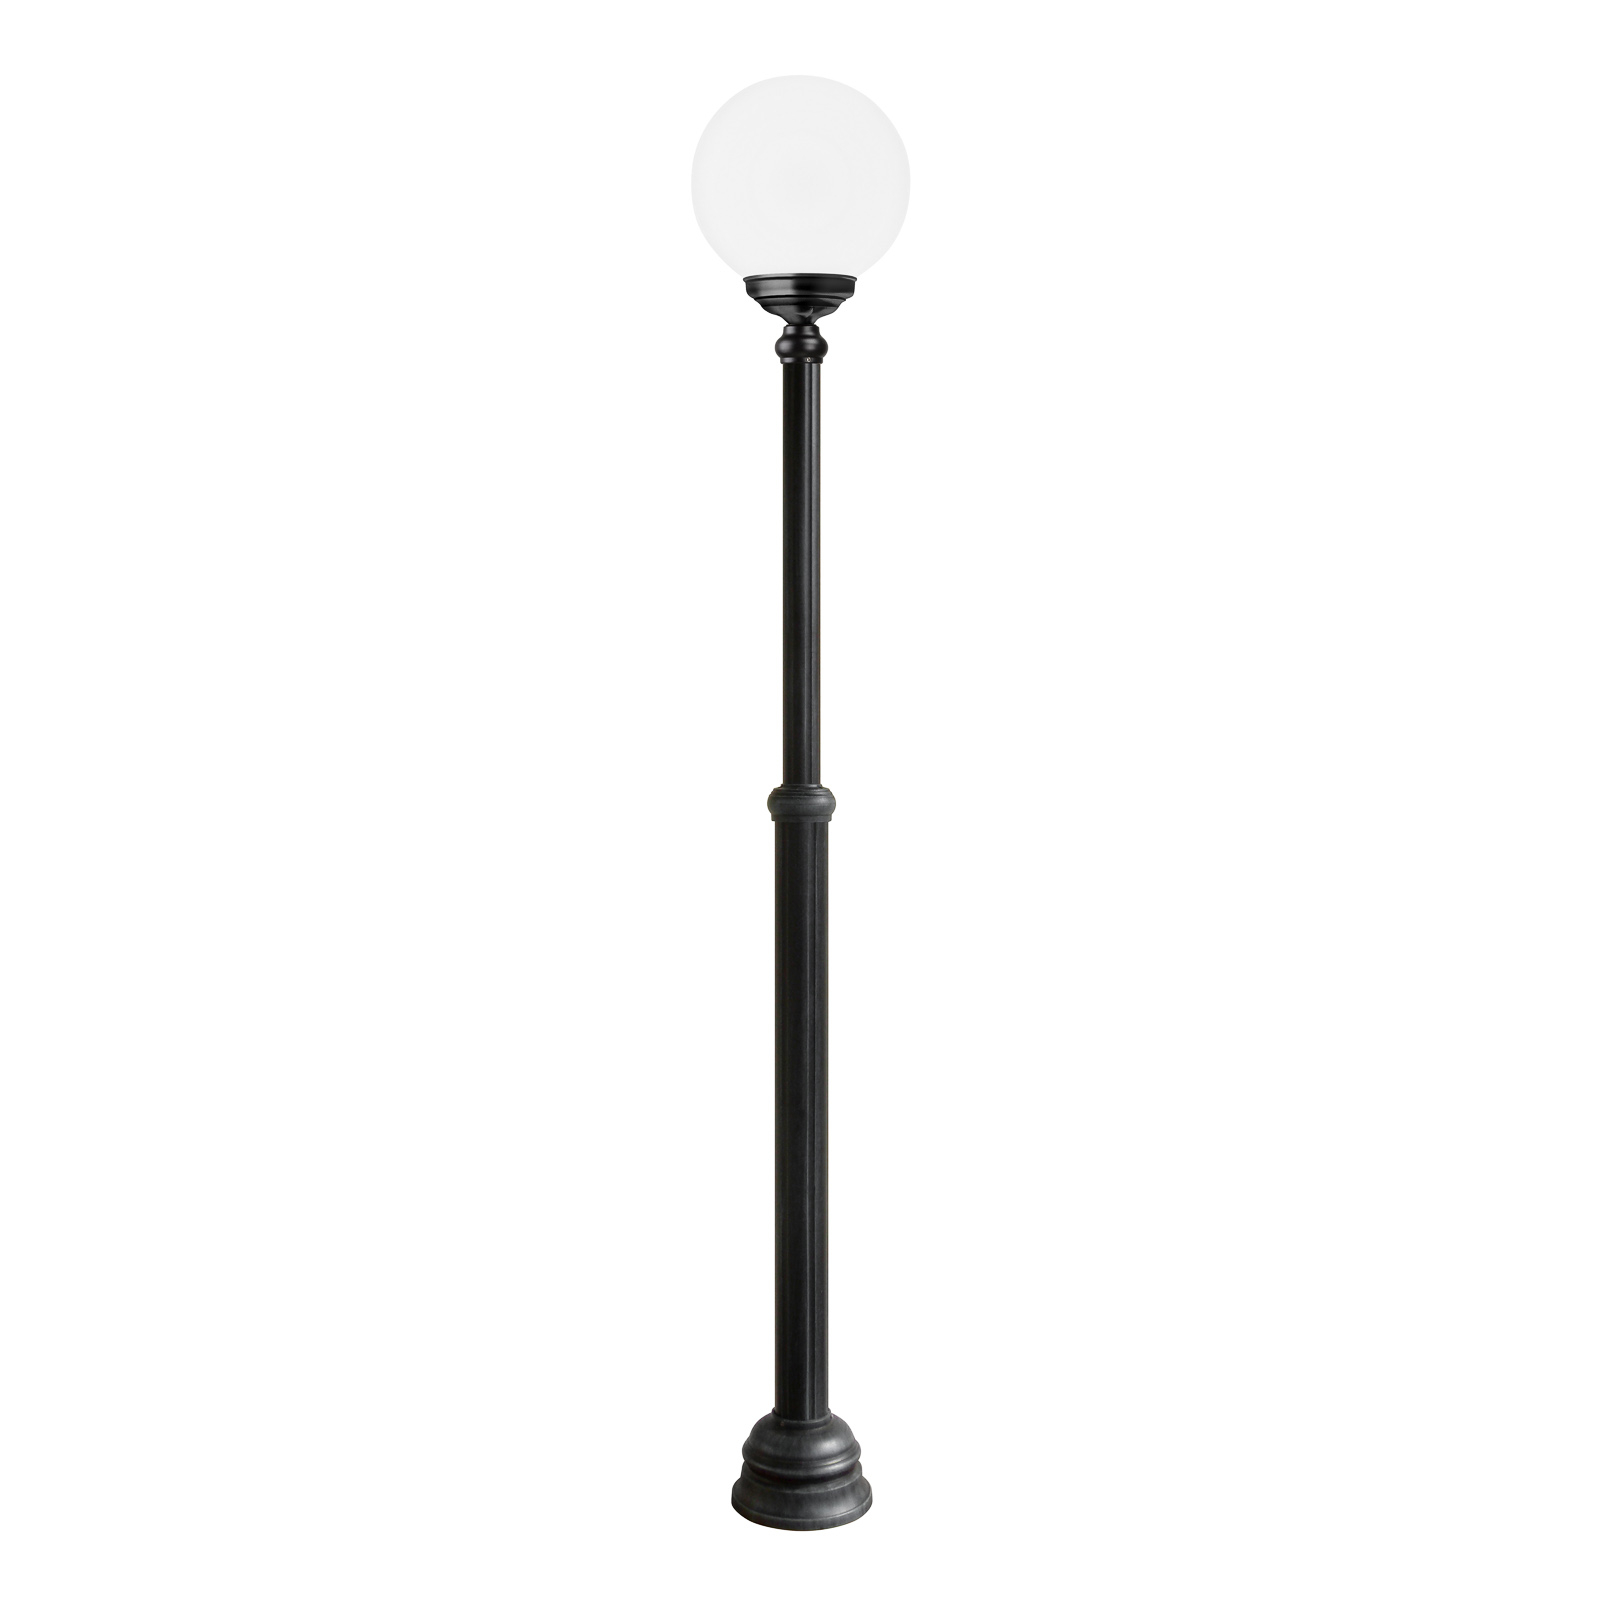 Lampadaire d'extérieur 1143, à 1 lampe, noir/blanc